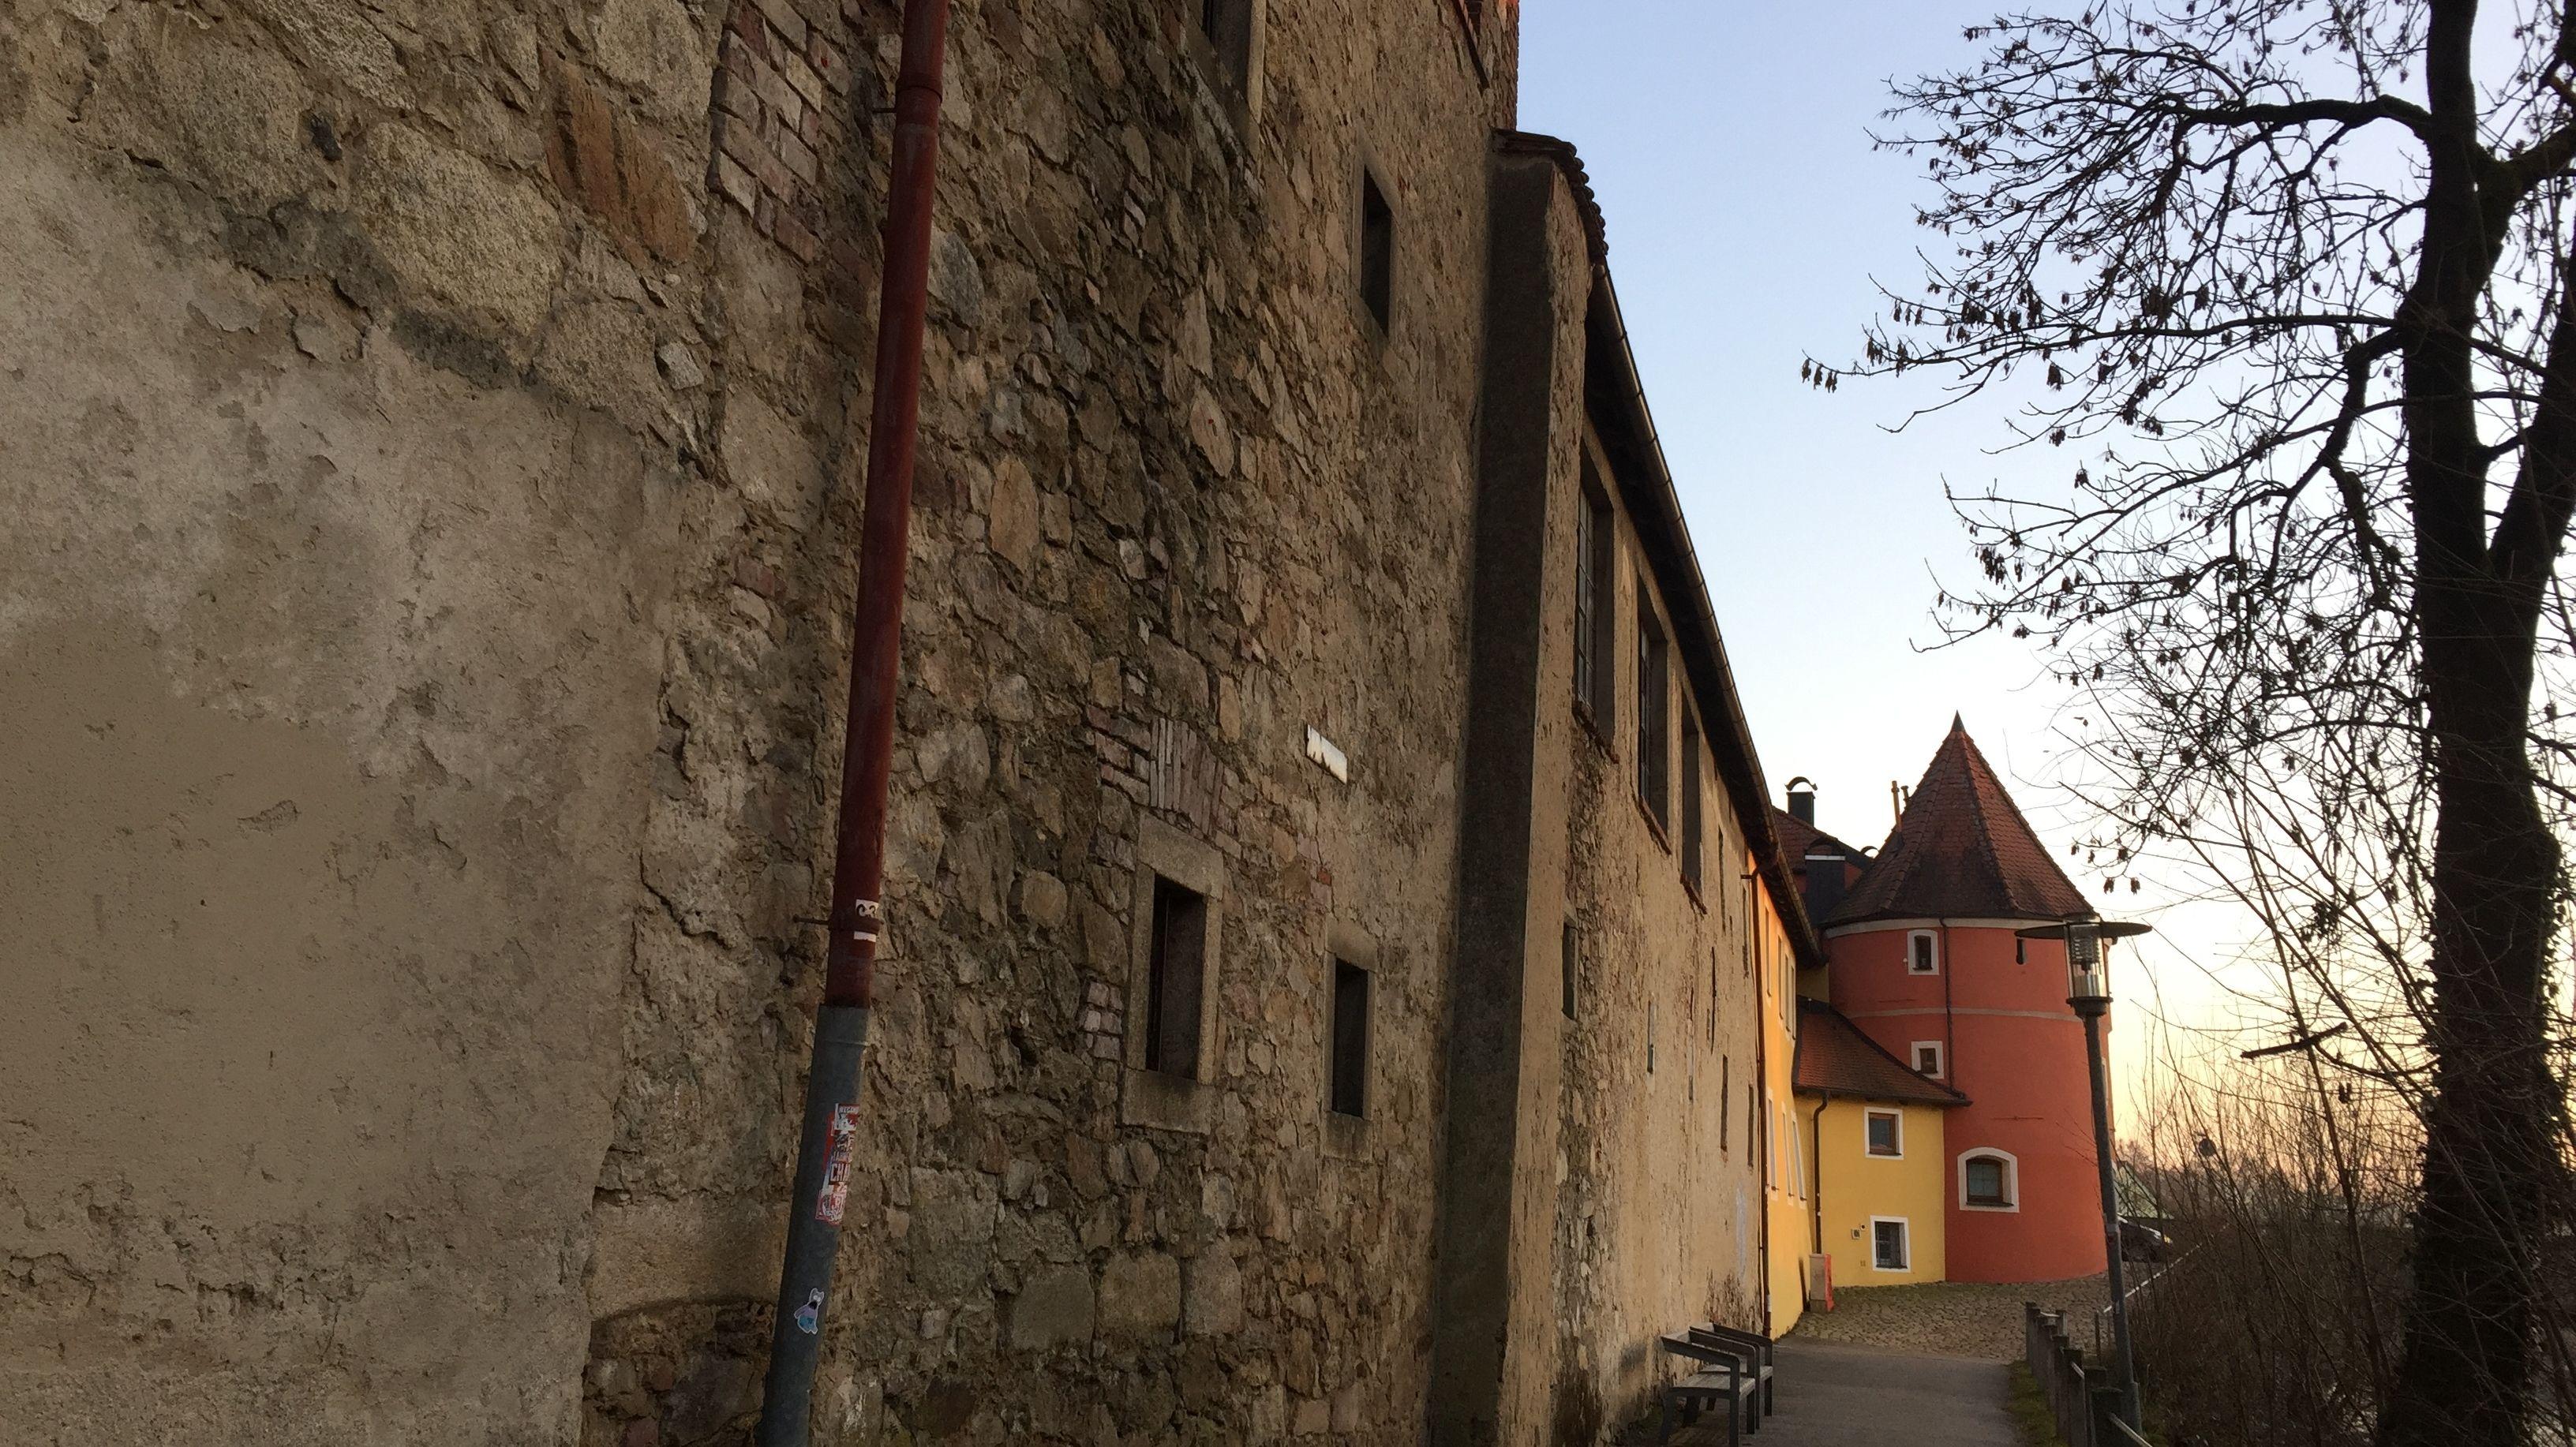 Die ehemalige Brauerei neben dem Chamer Biertor